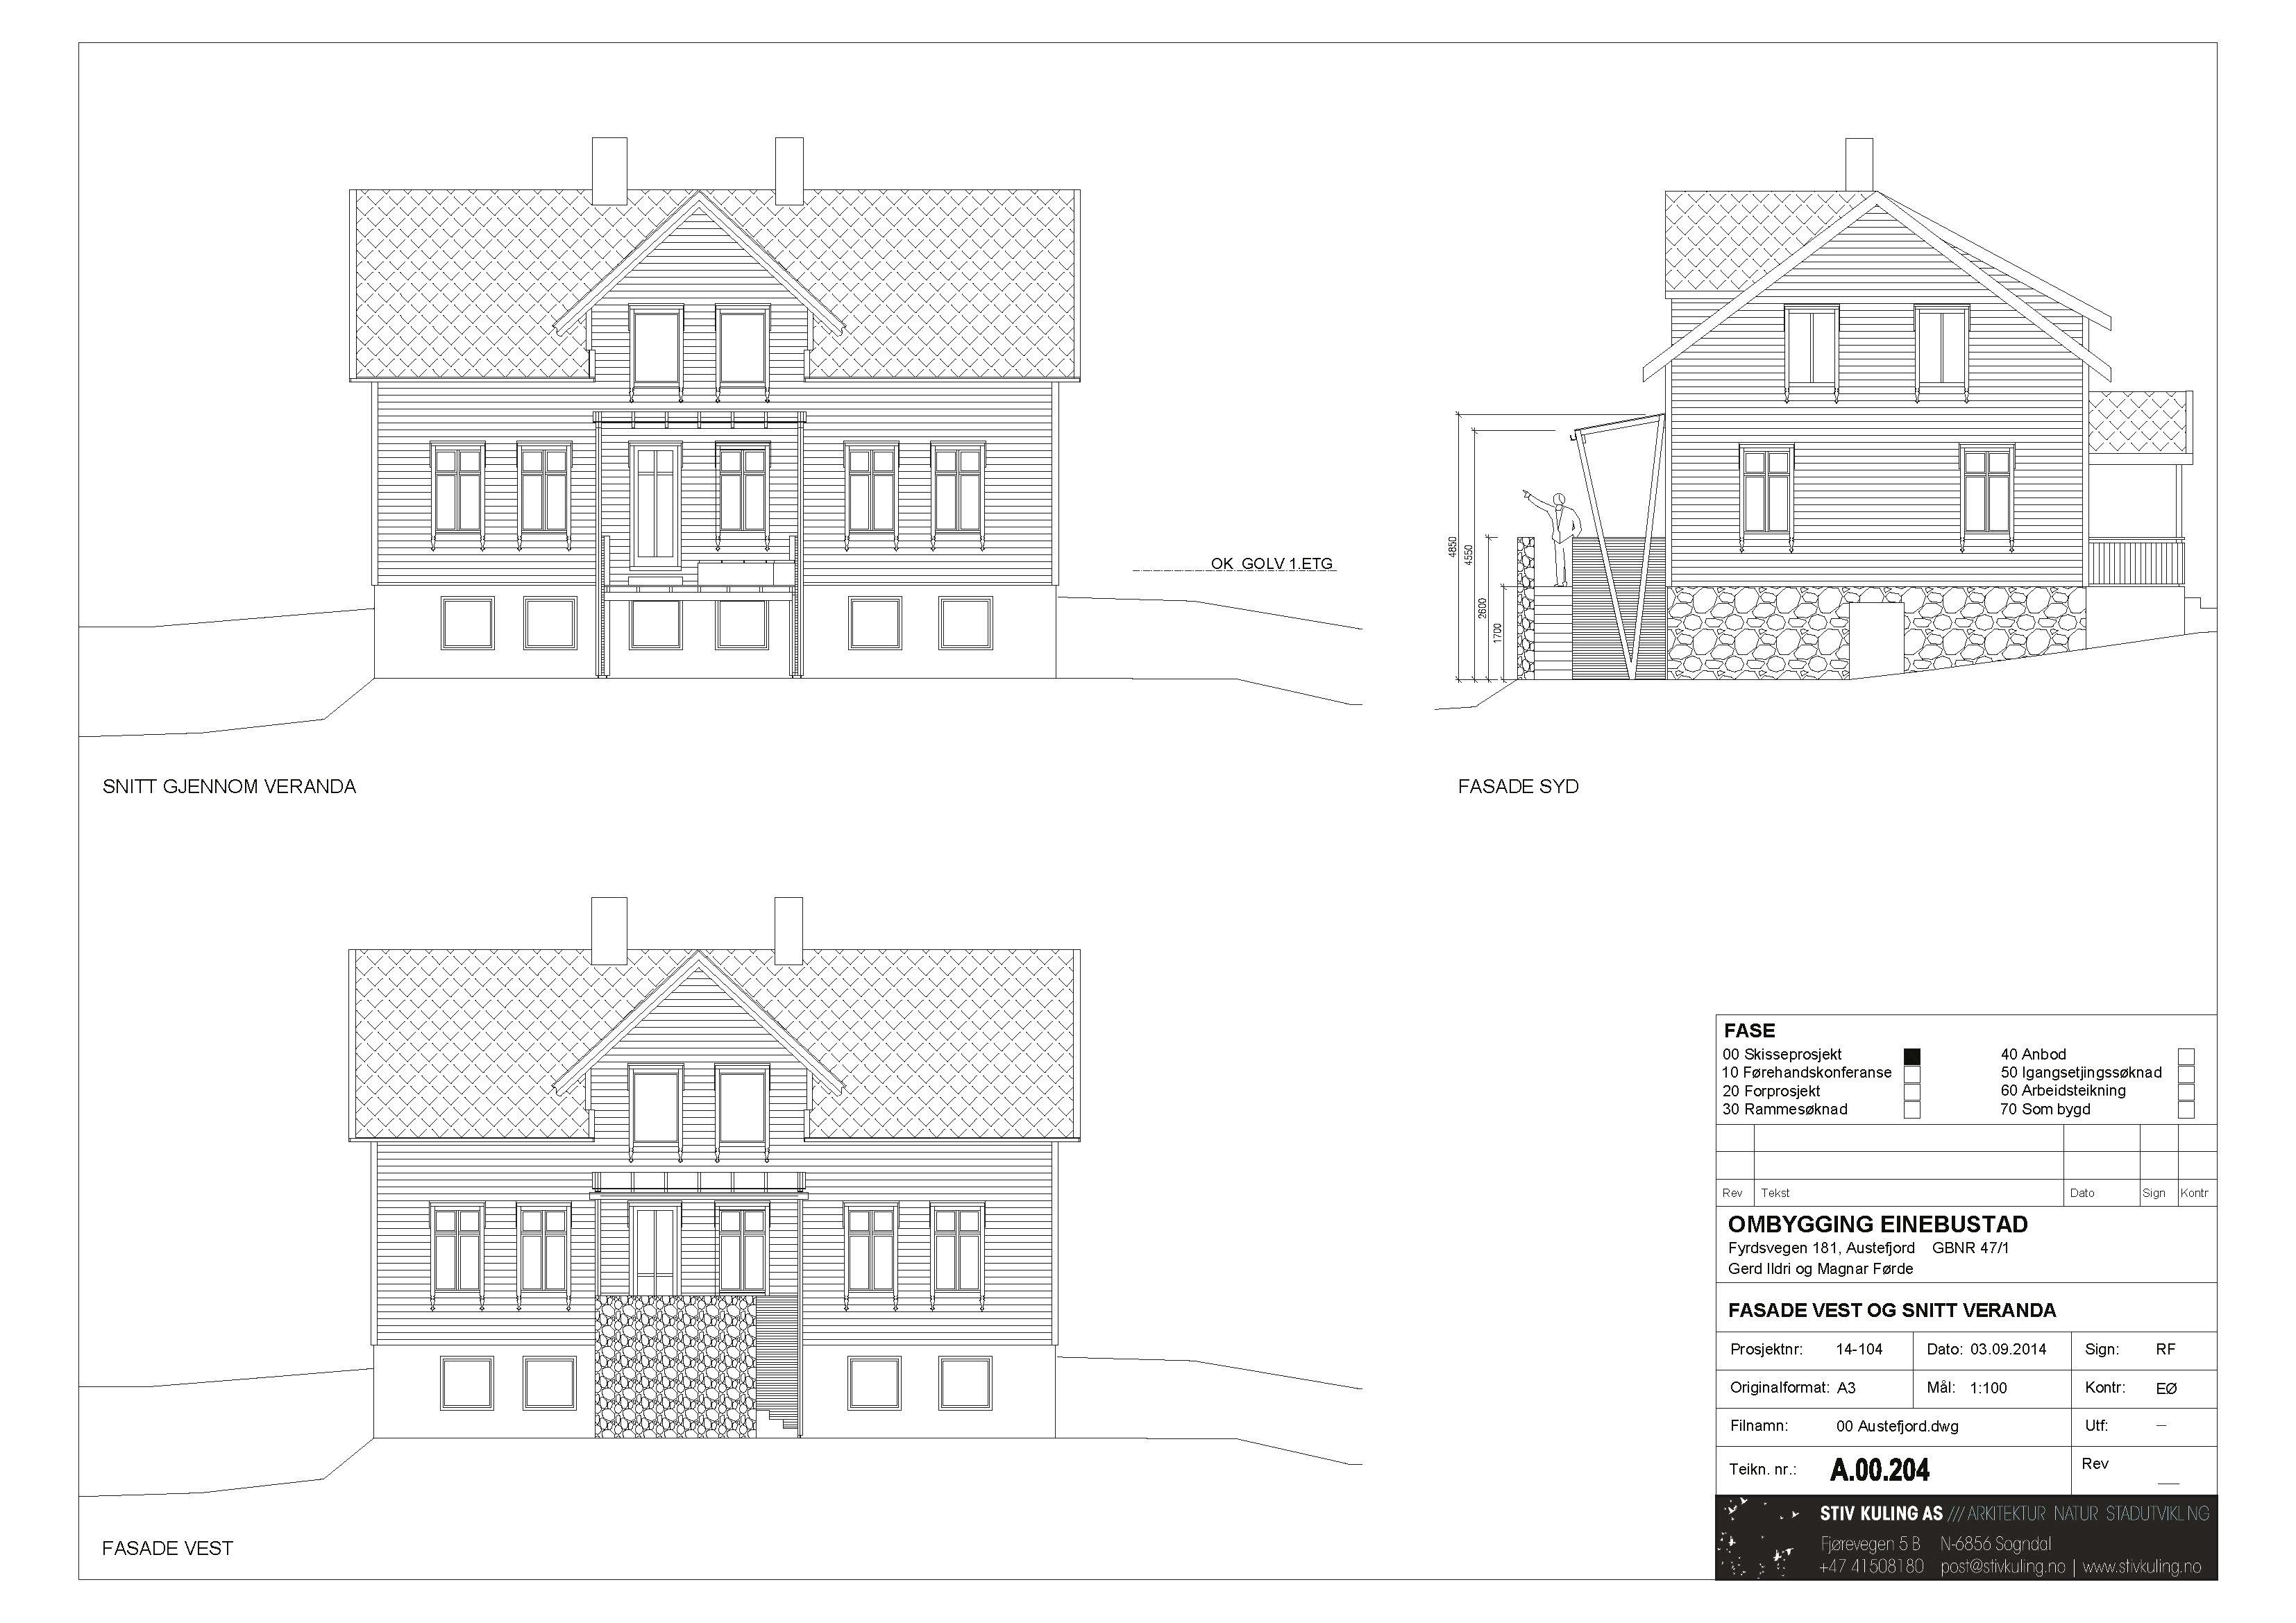 Fasader med ny veranda